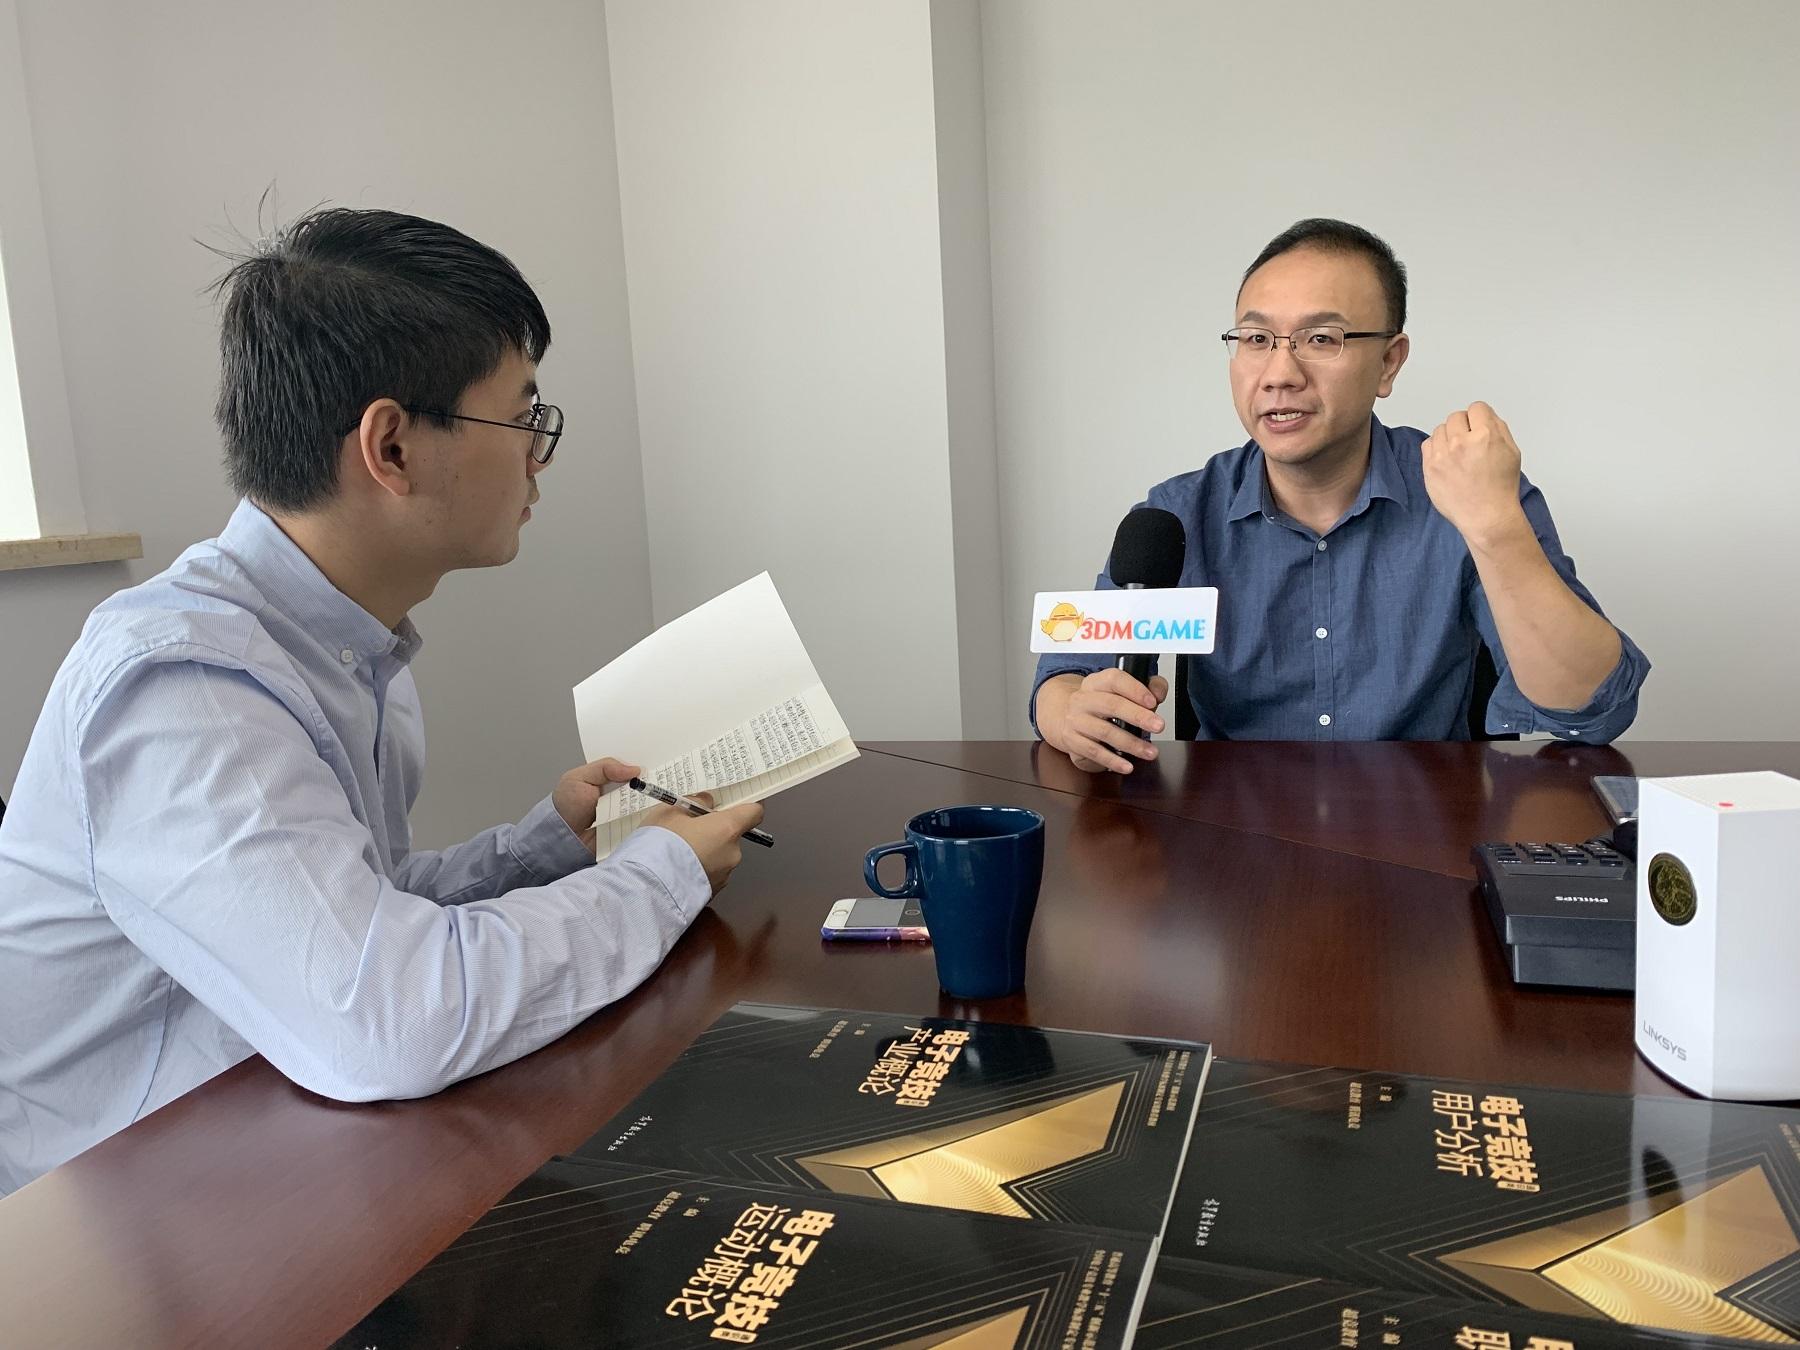 烨侃科技CTO高惠杰专访:为电竞玩家提供更好的服务和平台